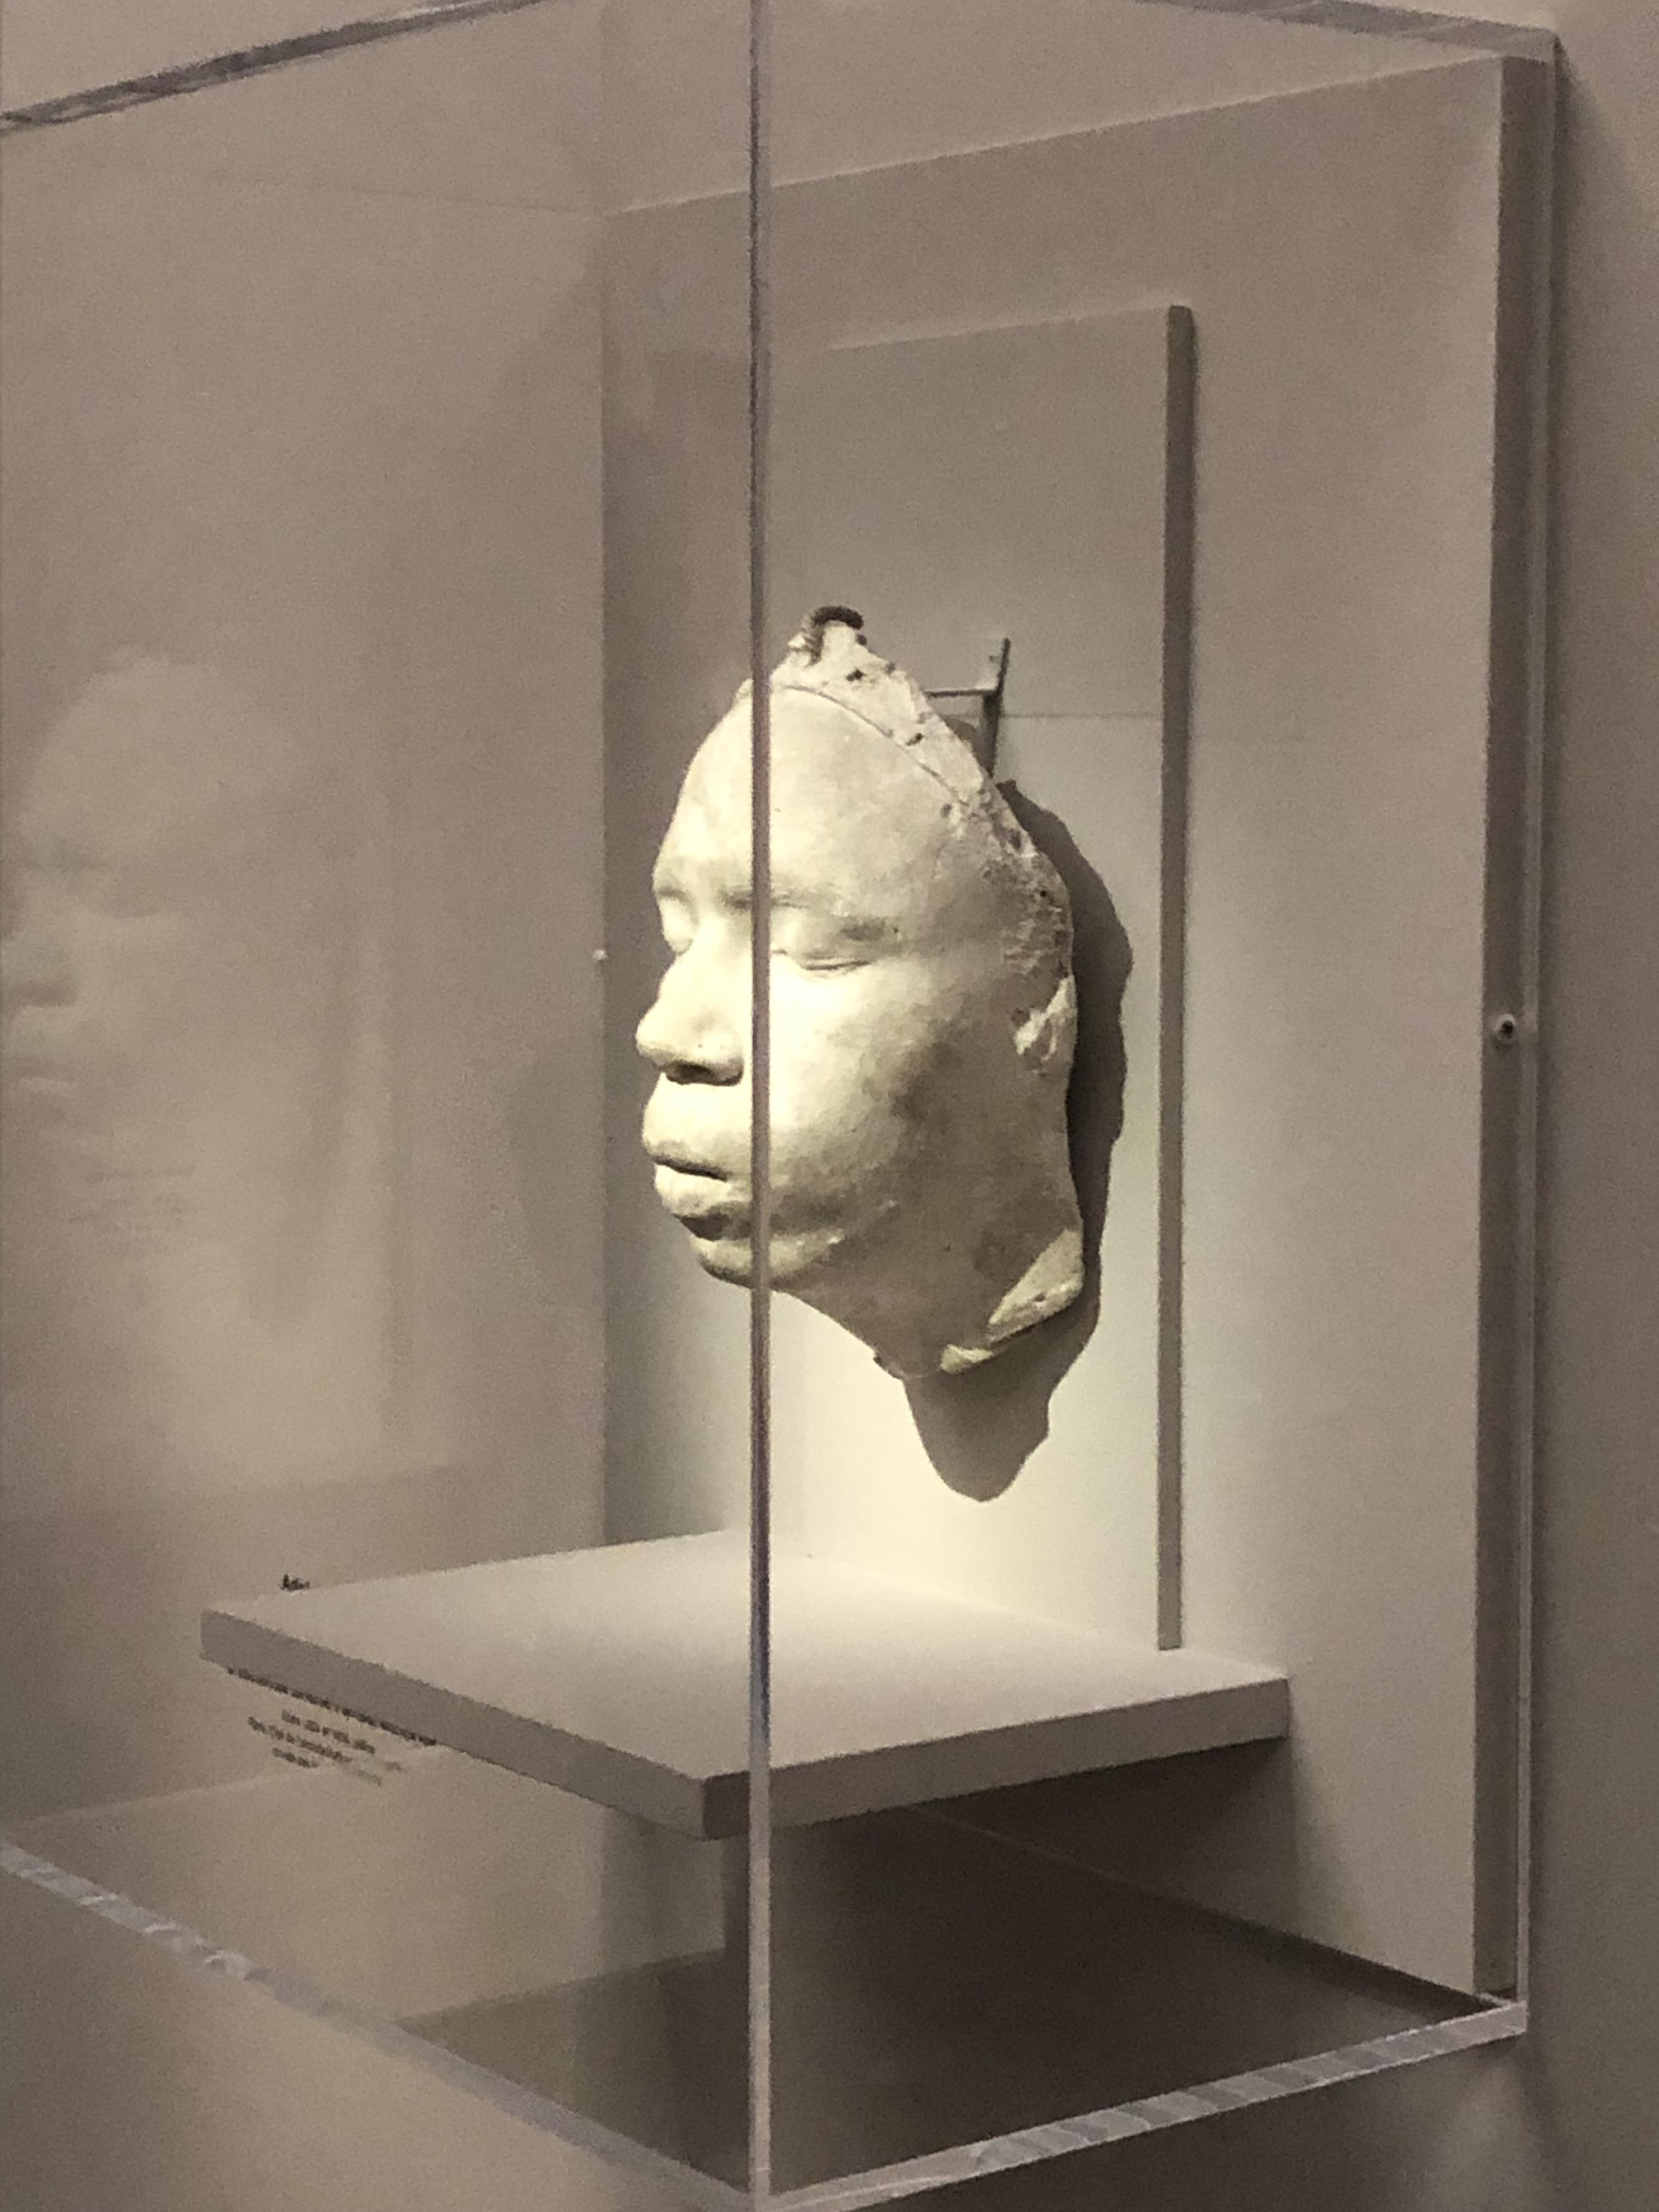 Tenue D Artiste Peintre le modèle noir : visite de l'exposition – par nadia radwan